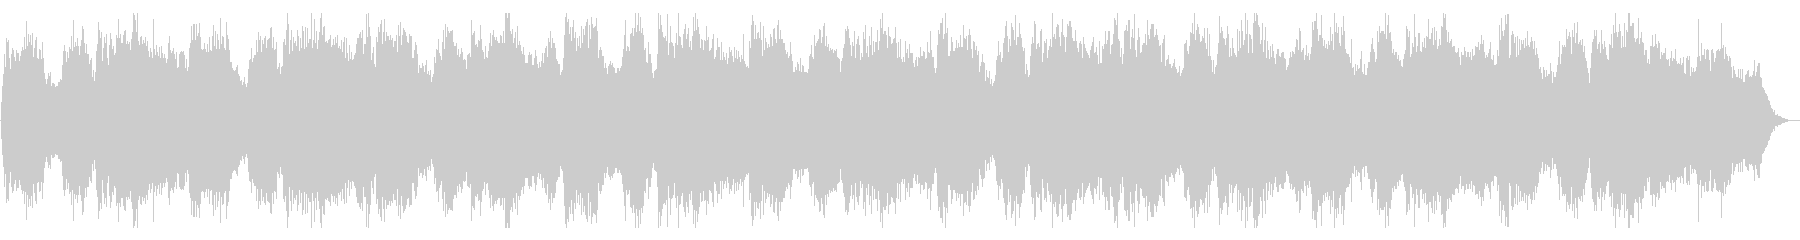 あやしいオバさんの❤ソプラノ❤優しい高音の未再生の波形